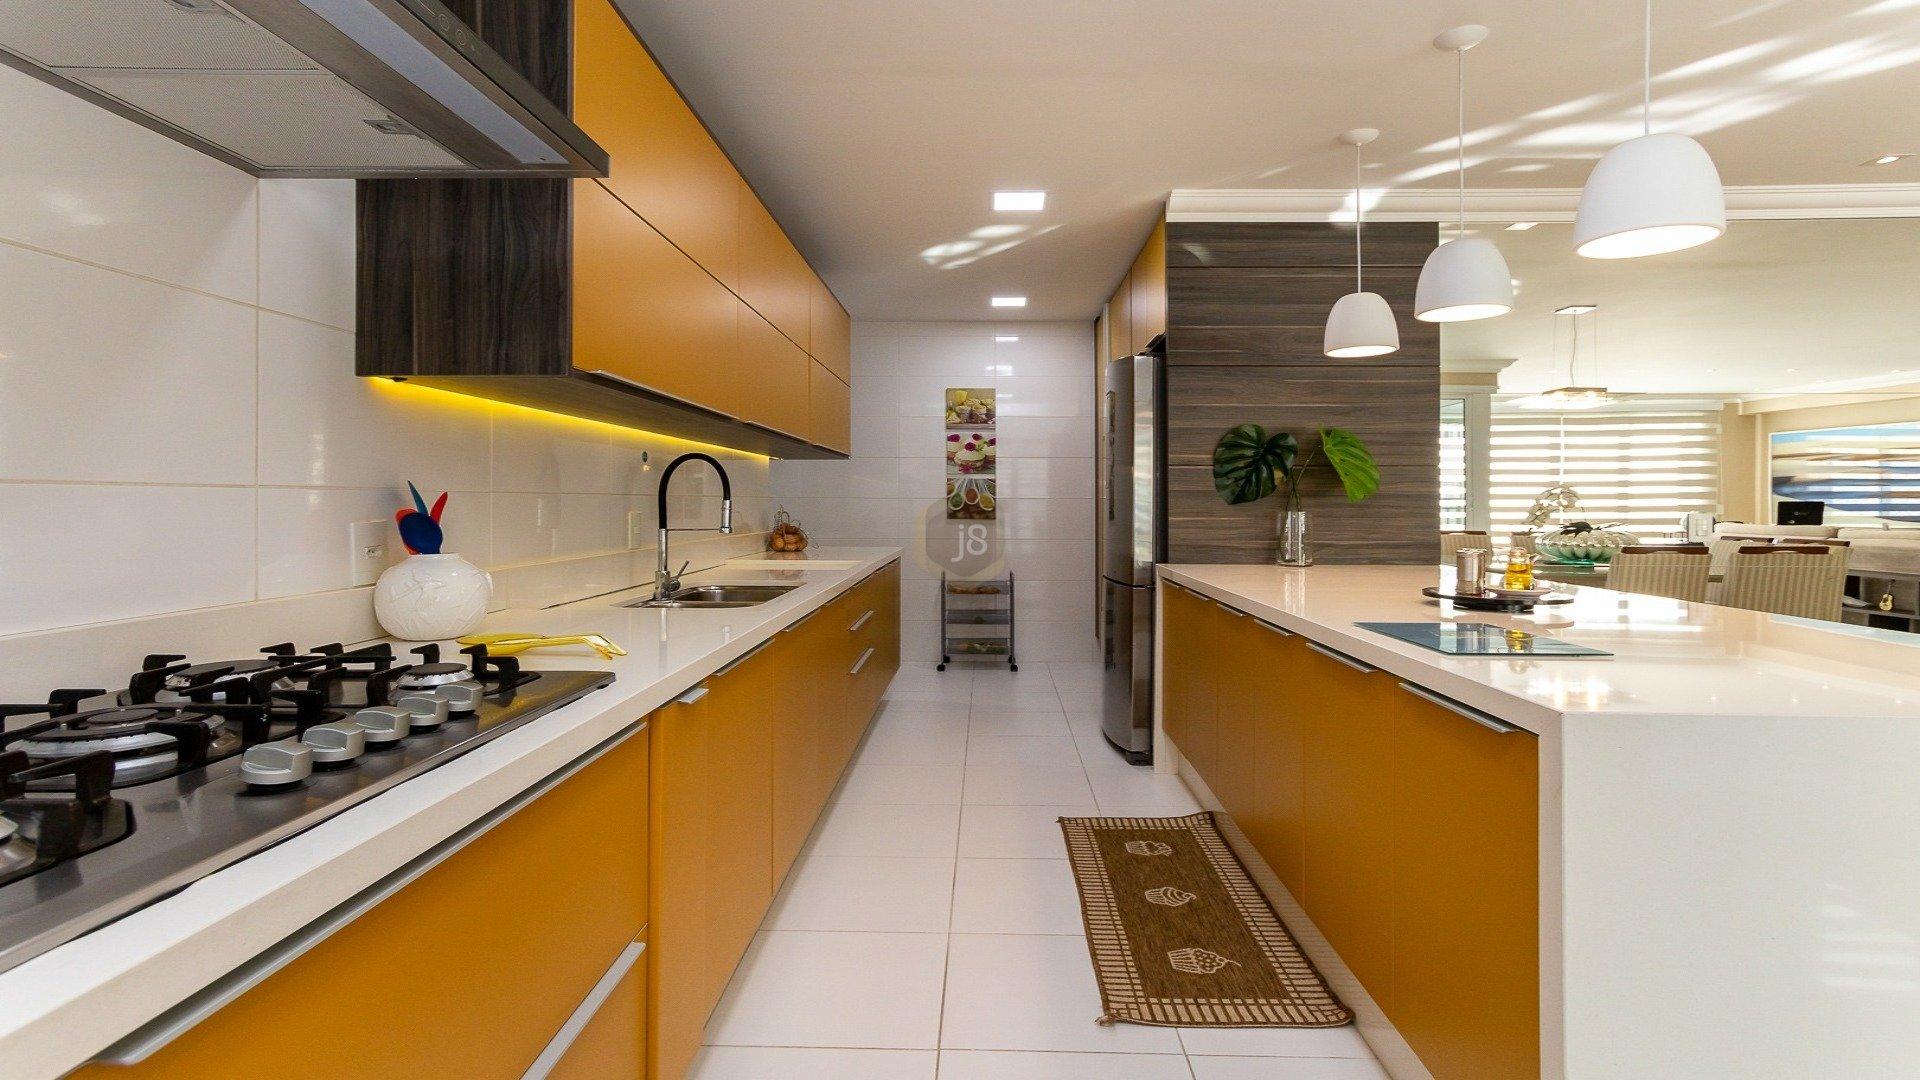 Foto de destaque Apartamento em condomínio clube no juvevê com 3 suítes